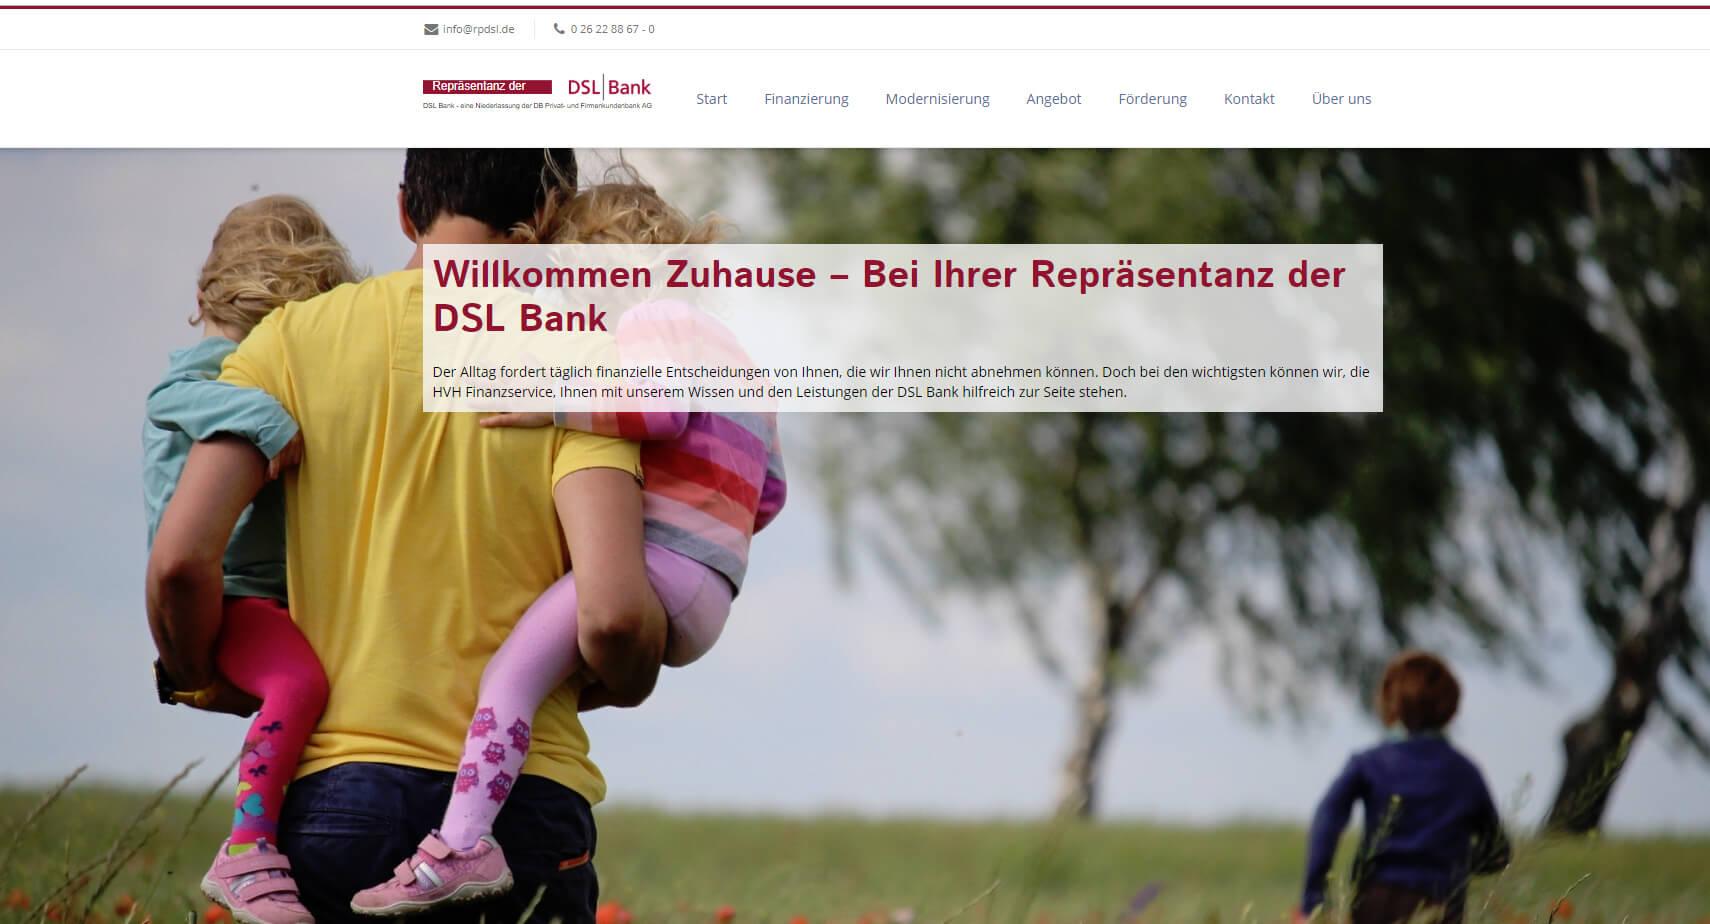 Repräsentanz der DSL Bank